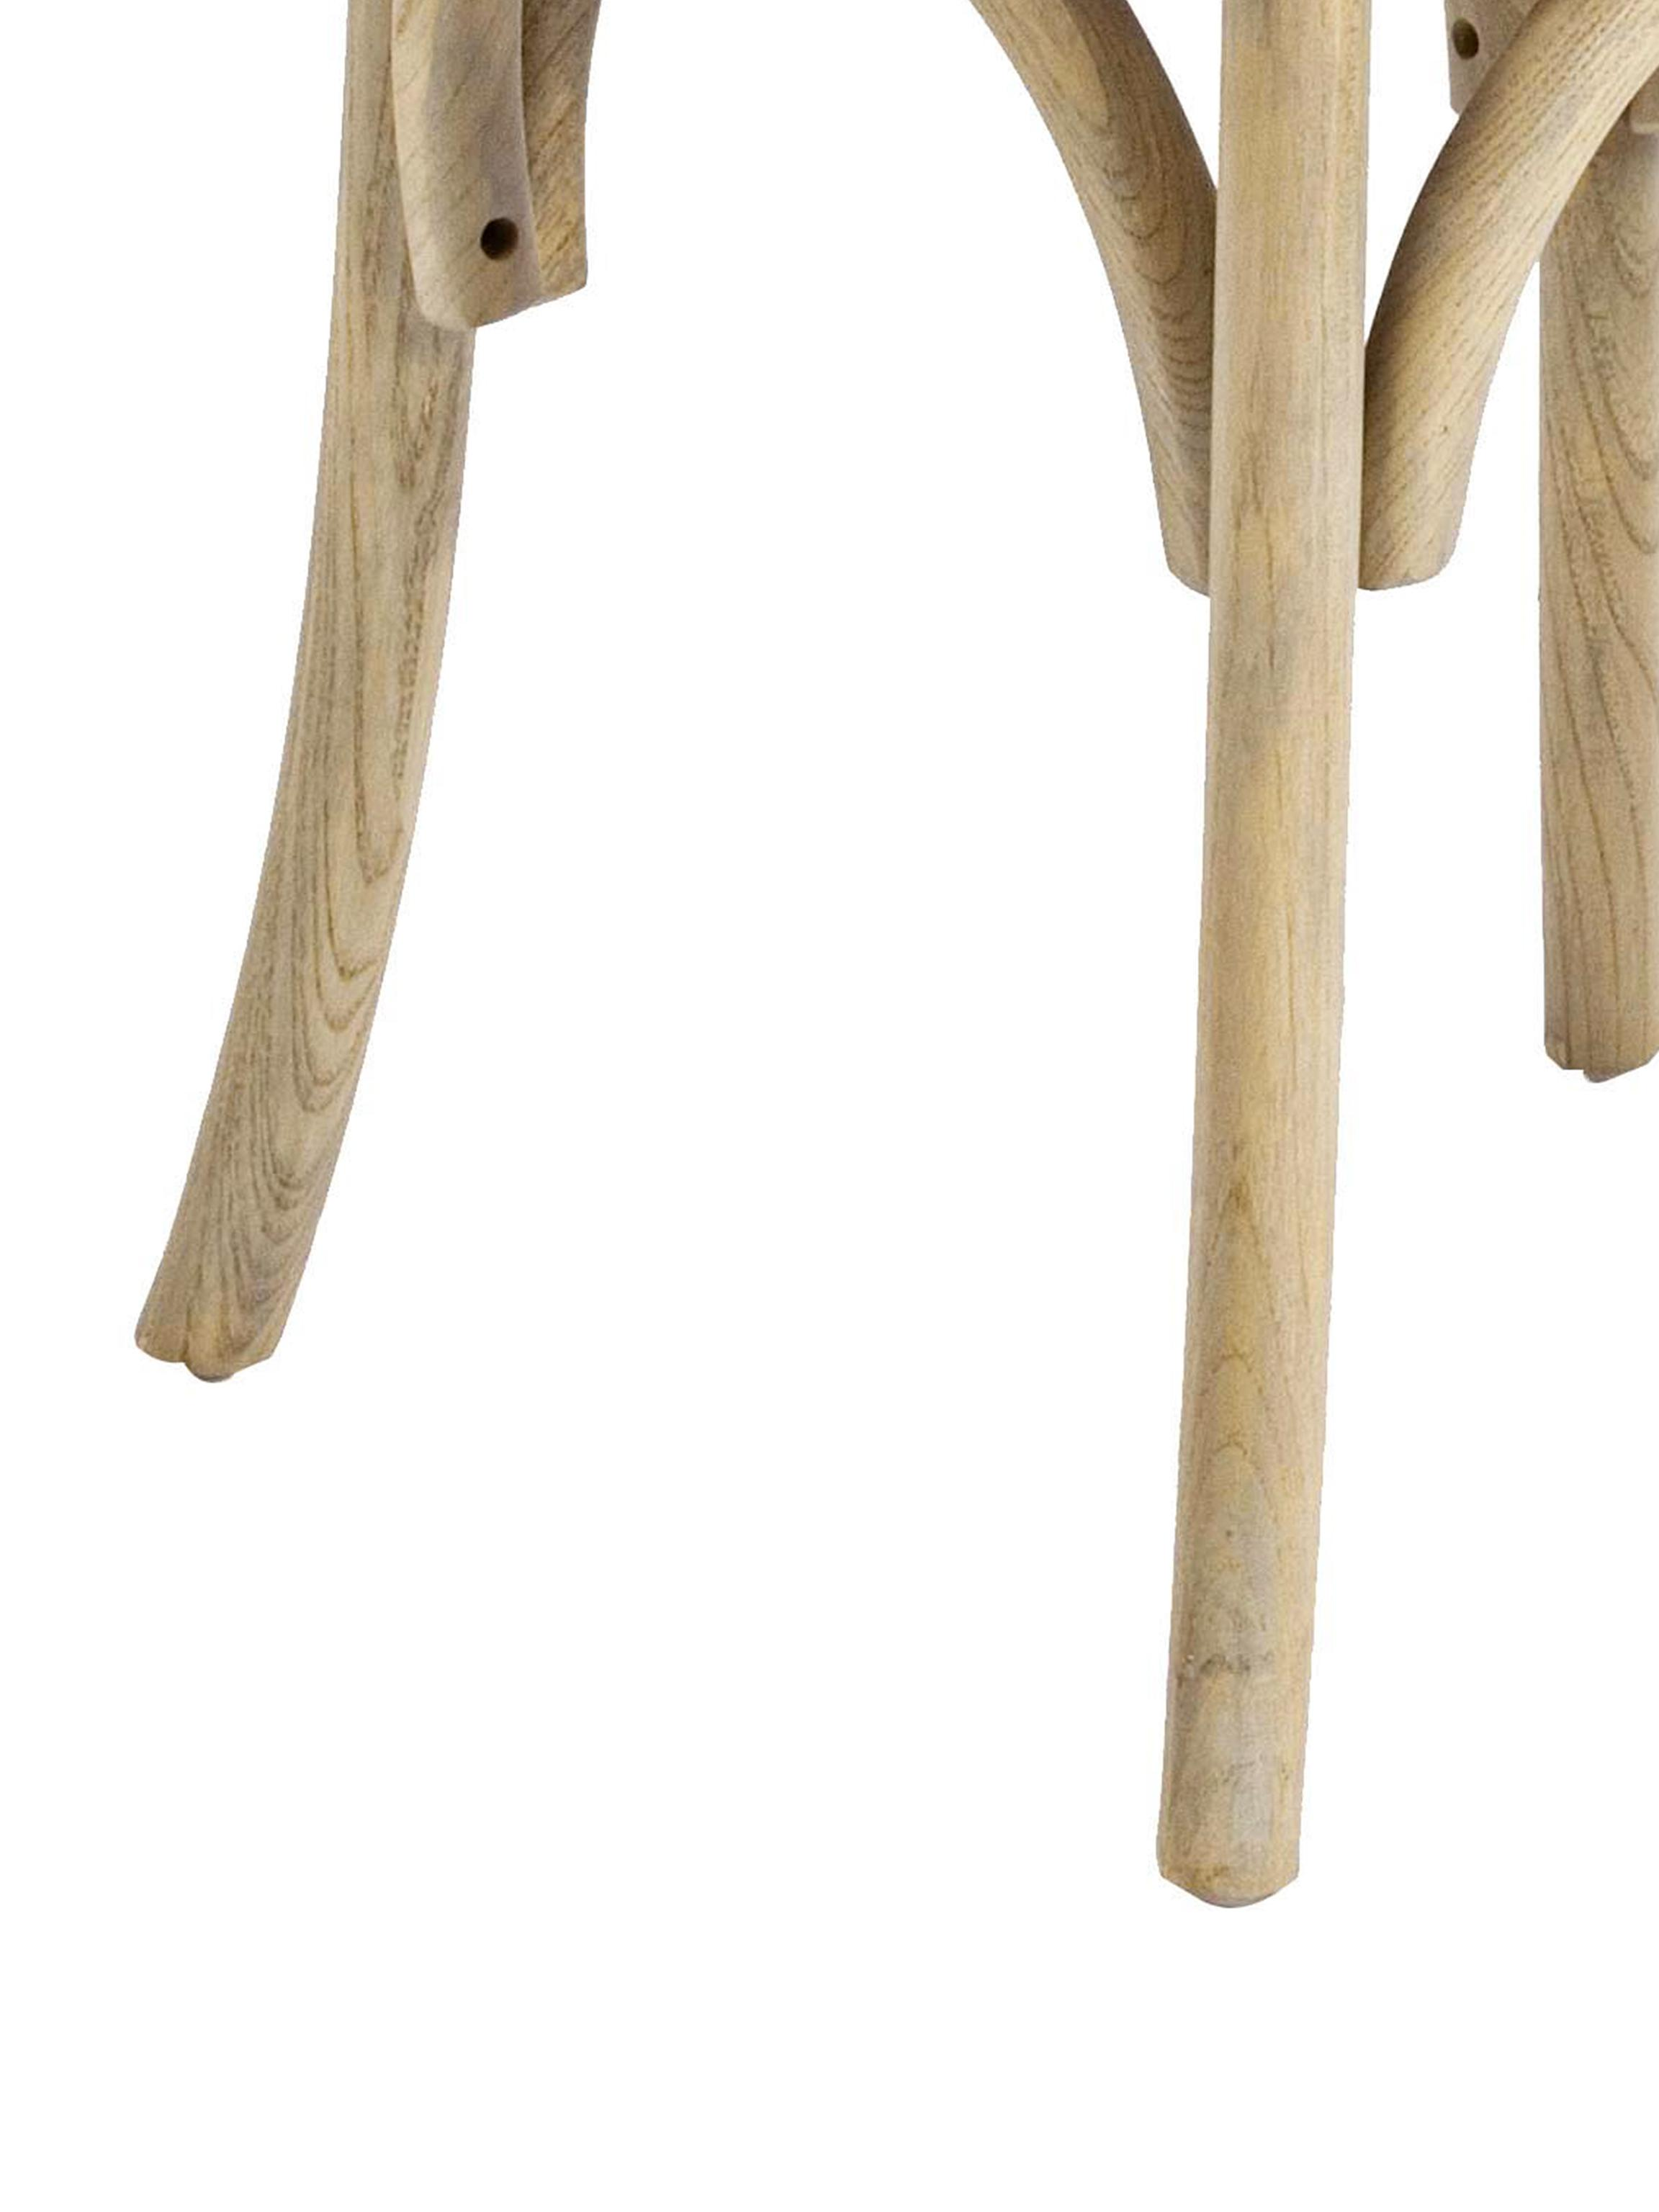 Silla de madera Cross, estilo rústico, Asiento: ratán, Estructura: madera de olmo, lacado tr, Marrón, An 42 x F 46 cm